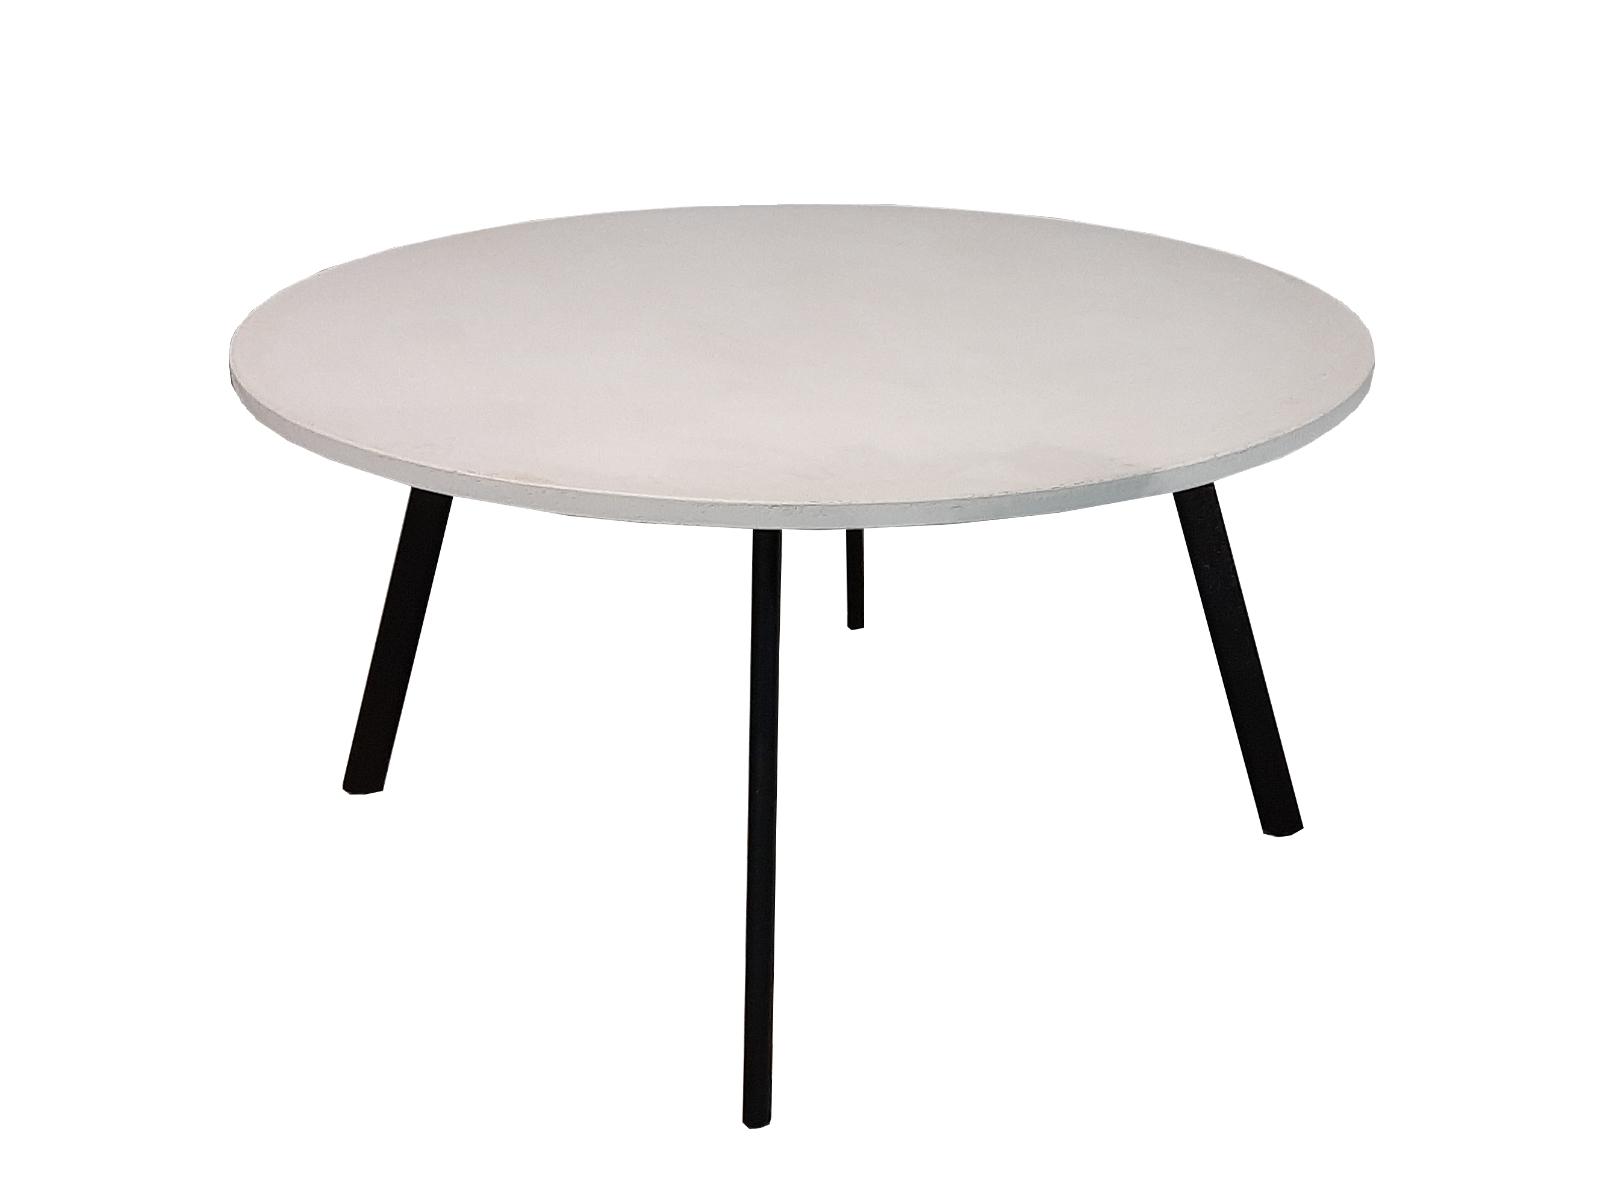 ronde tafel betonlook krijt wit